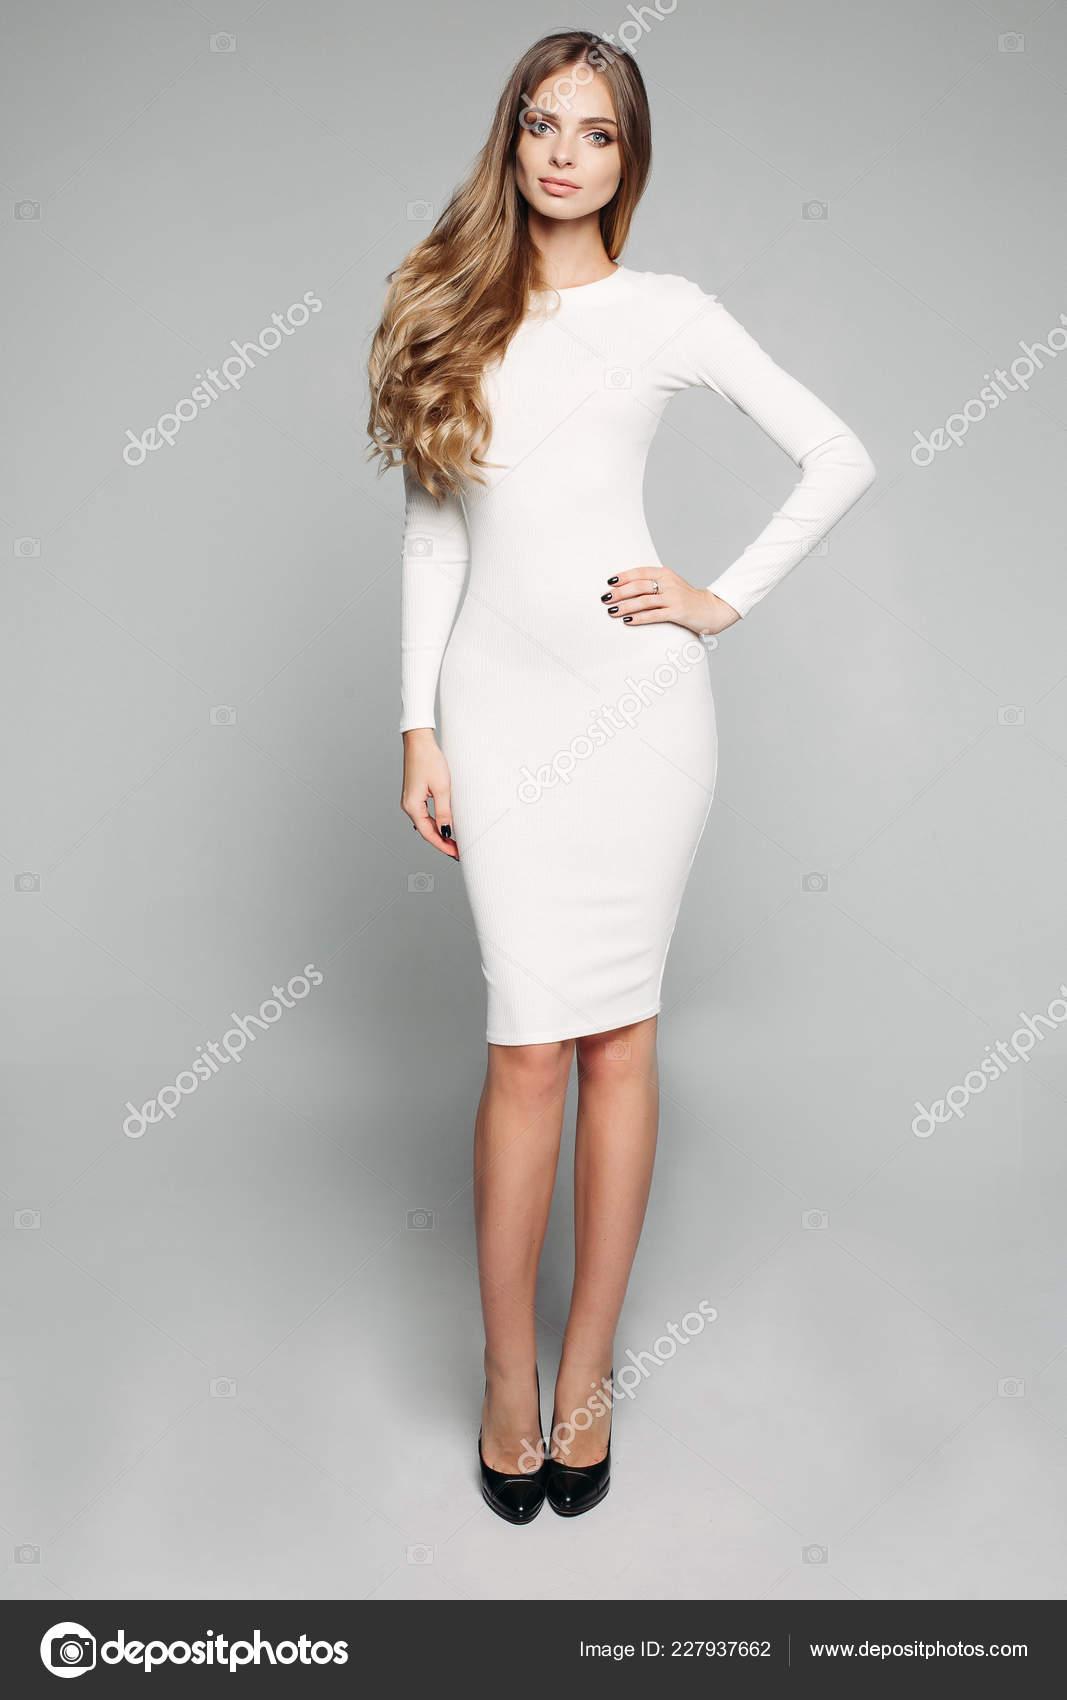 Kleid Skinny Blonde Teen 'Hot Girls